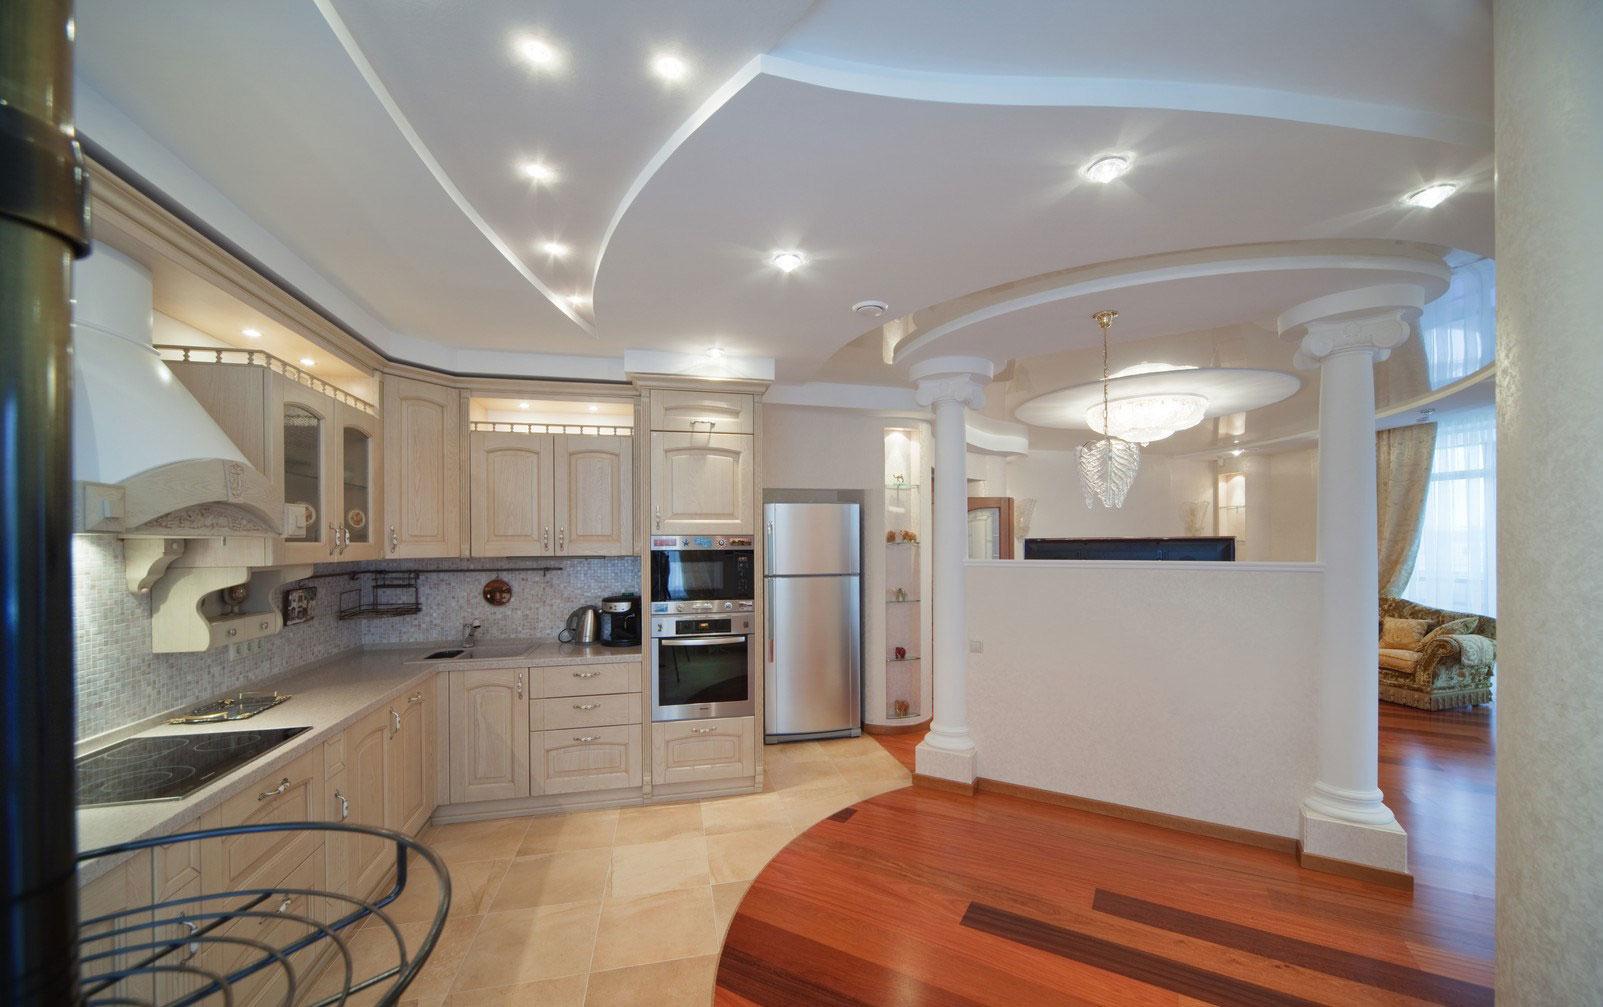 Дизайн кухни гостиной с перегородкой фото